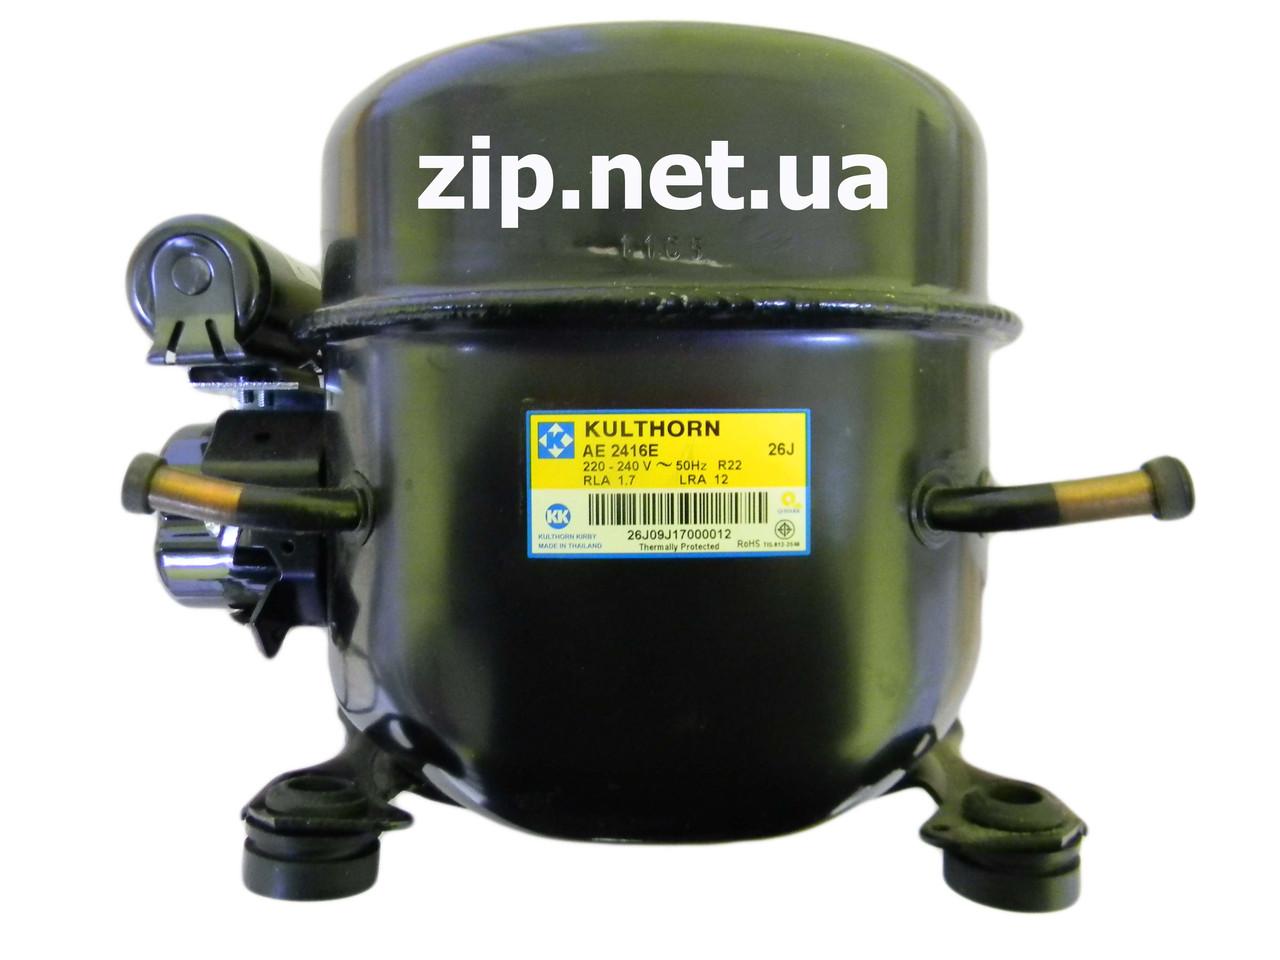 Компрессор AE 2416 E R-22 (393 w) для холодильника